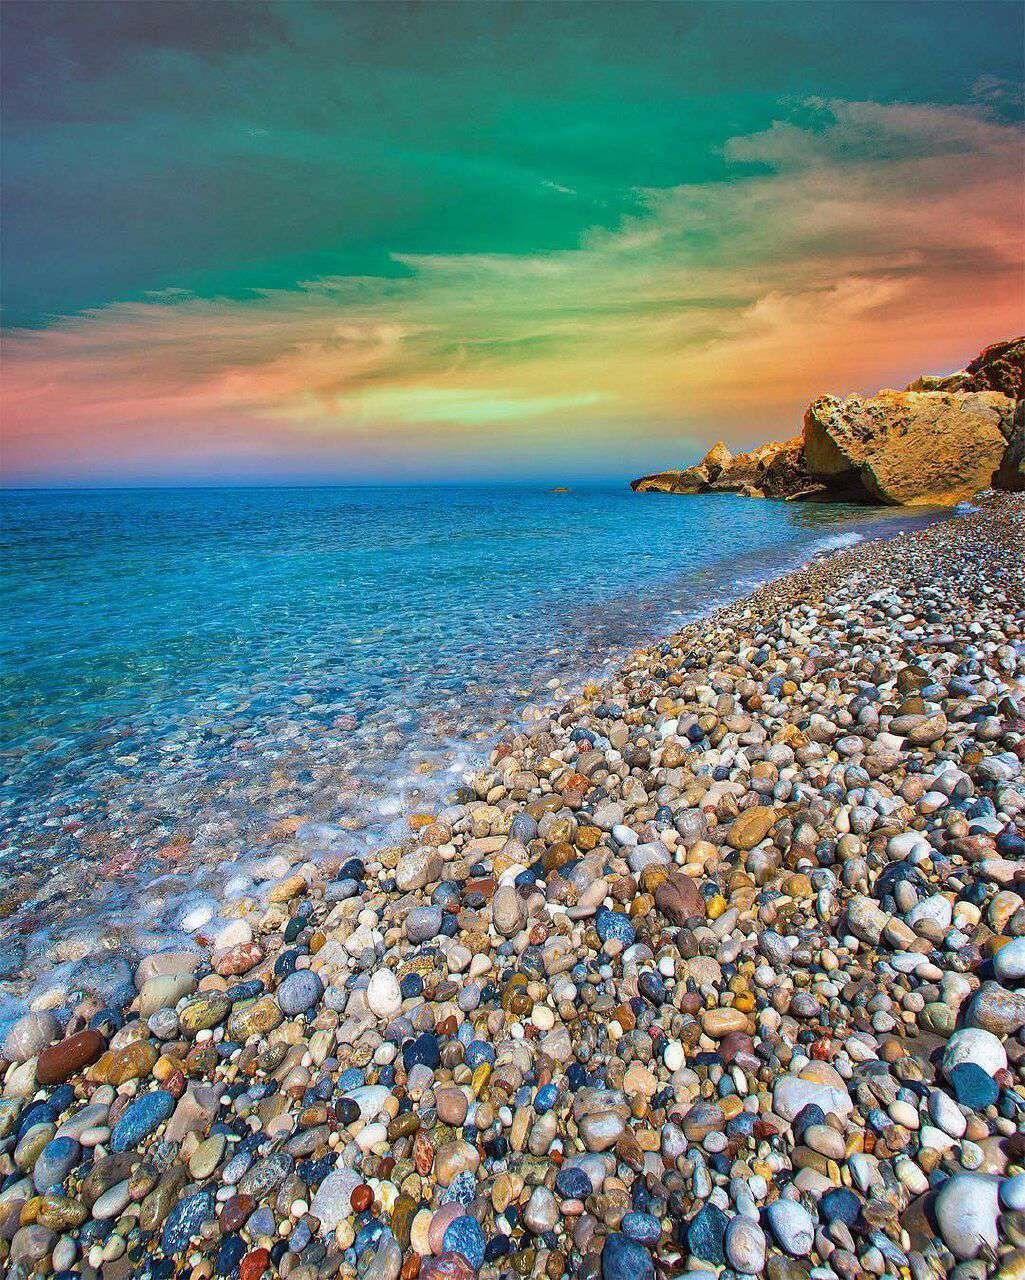 ساحل زیبا